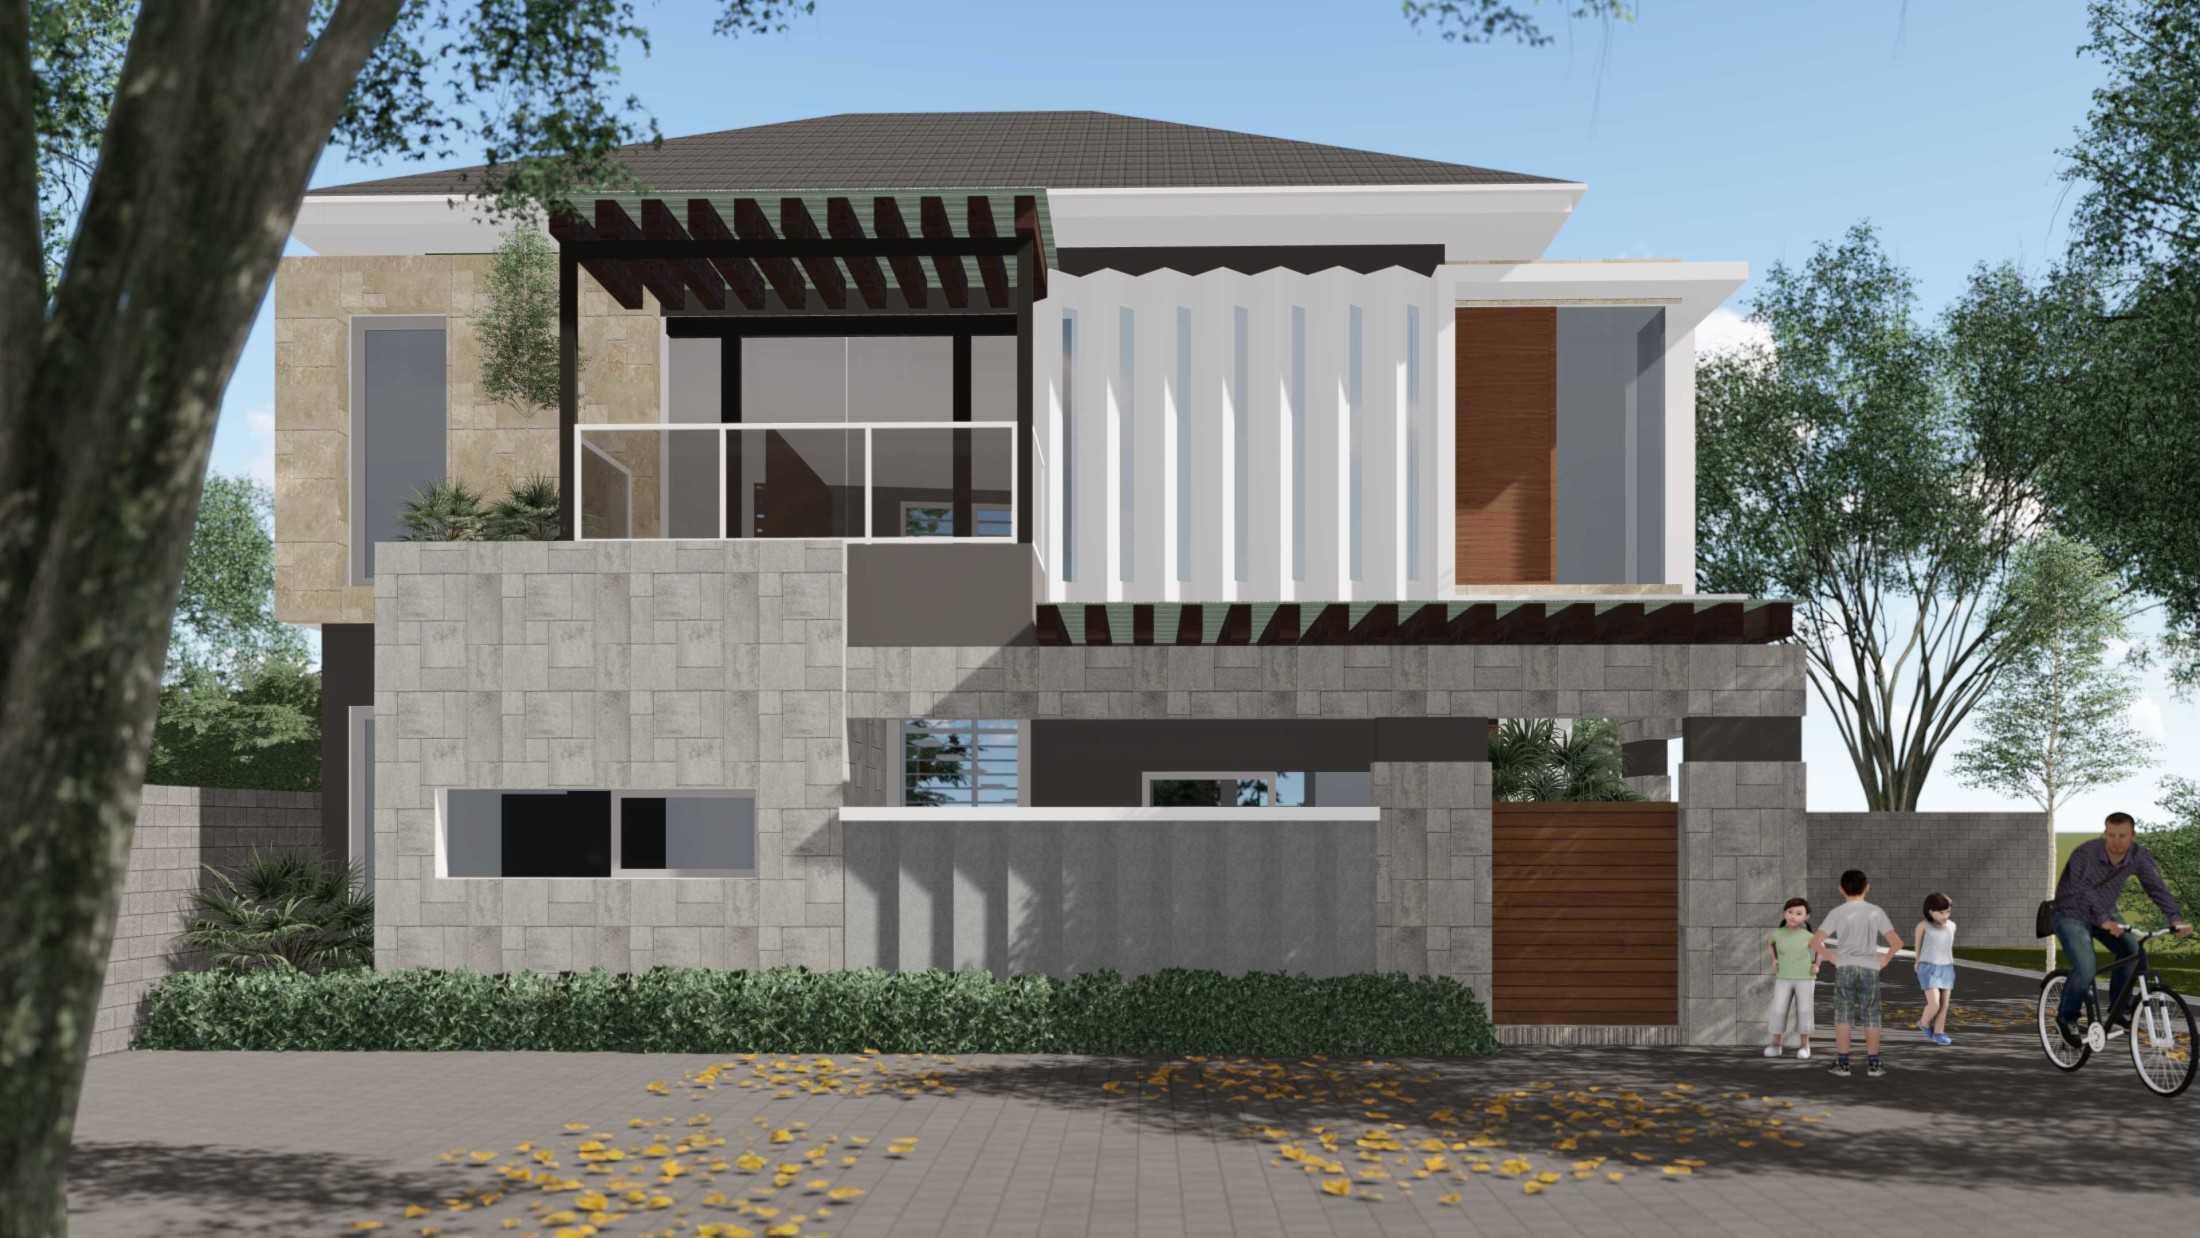 R+ Studio Rumah Y Salatiga Salatiga, Kota Salatiga, Jawa Tengah, Indonesia Salatiga, Kota Salatiga, Jawa Tengah, Indonesia Rumah-Y-Salatiga Modern 84695